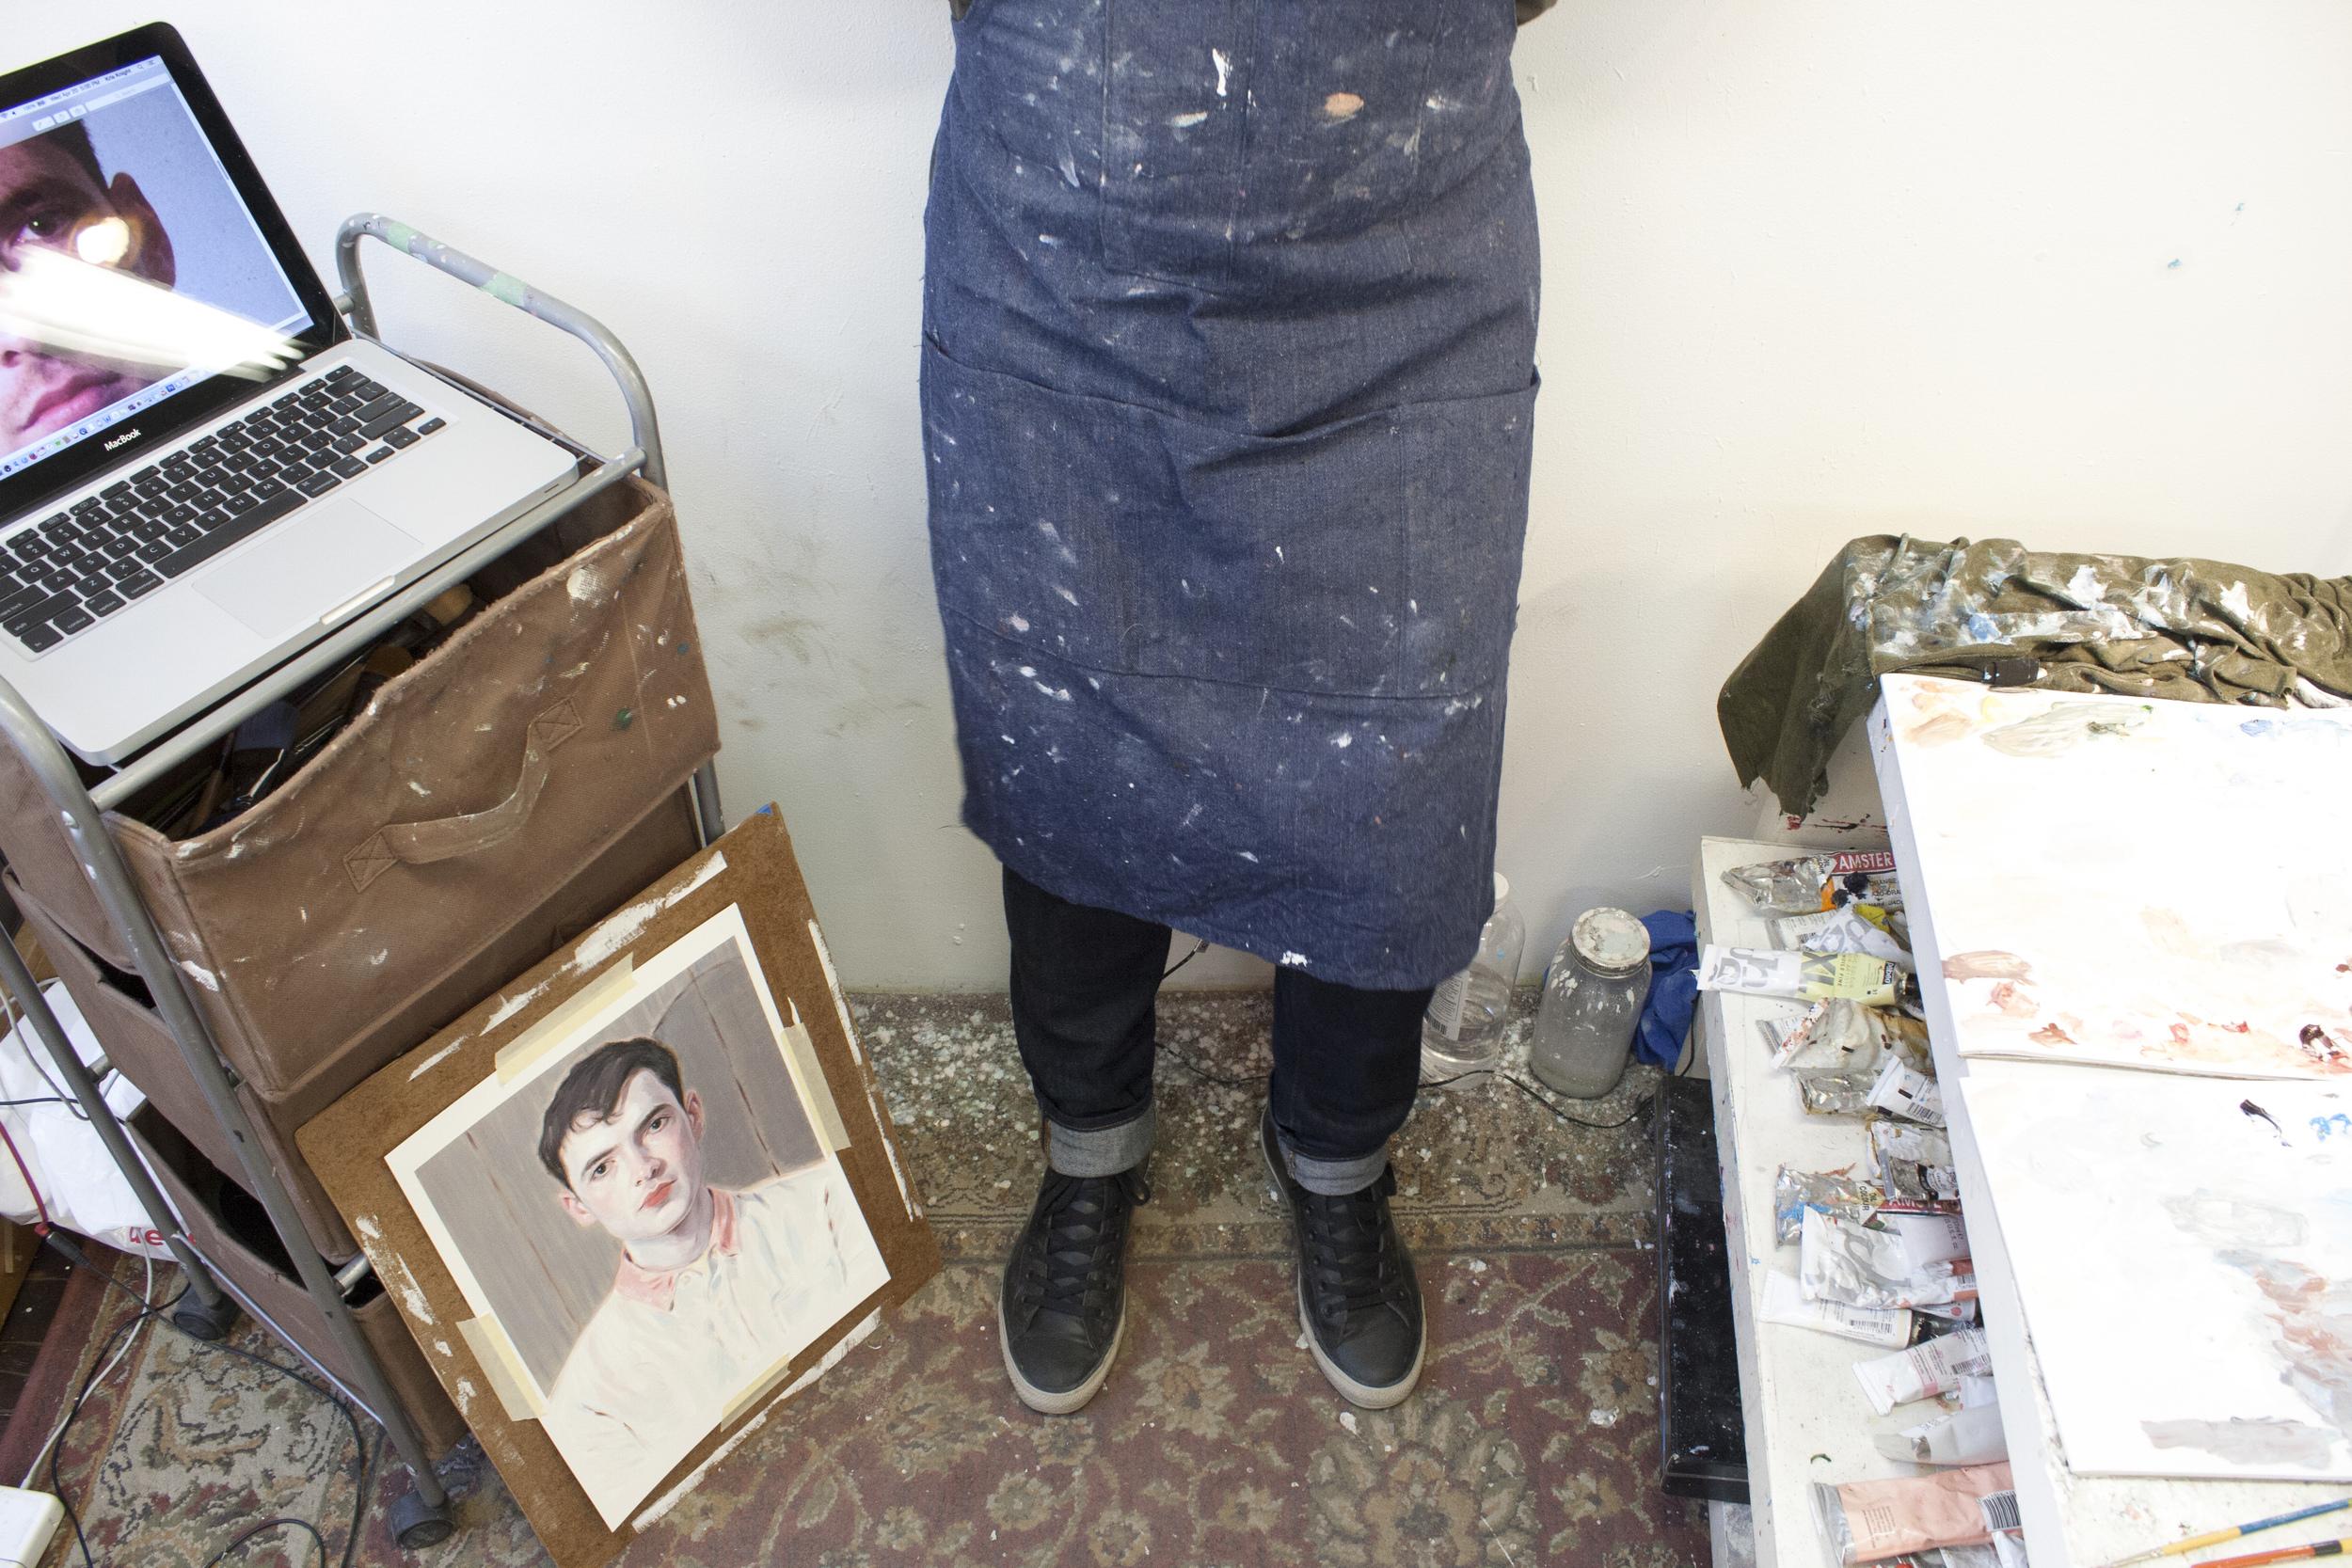 Kris in his painting smock.